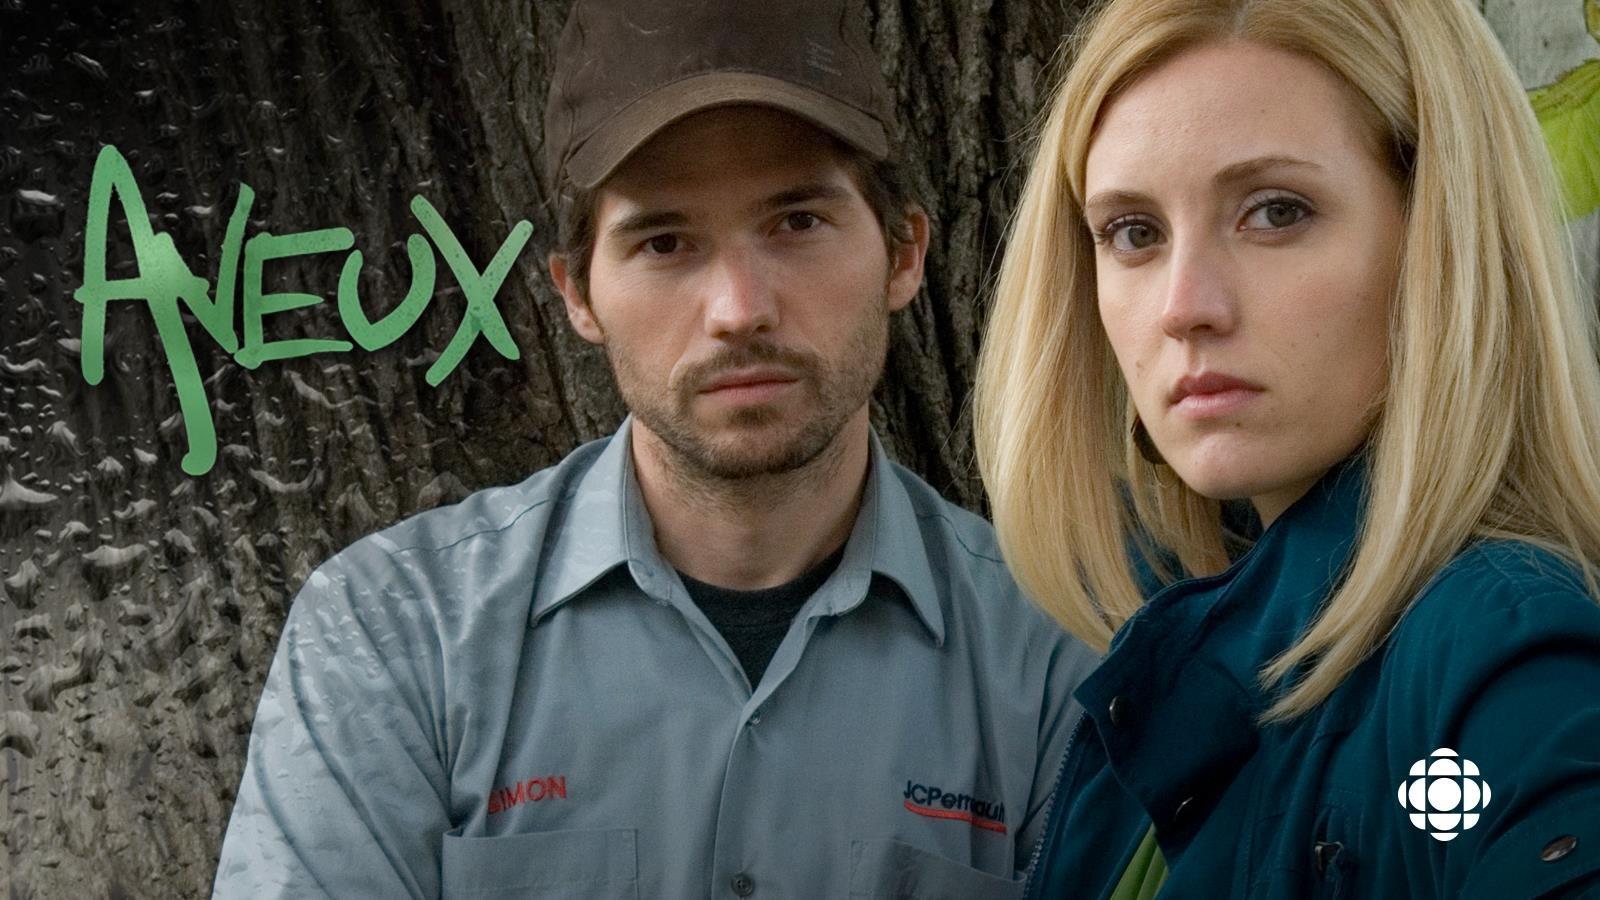 La série Aveux, écrite par Serge Boucher, a été diffusé à l'automne 2009 sur ICI Télé.